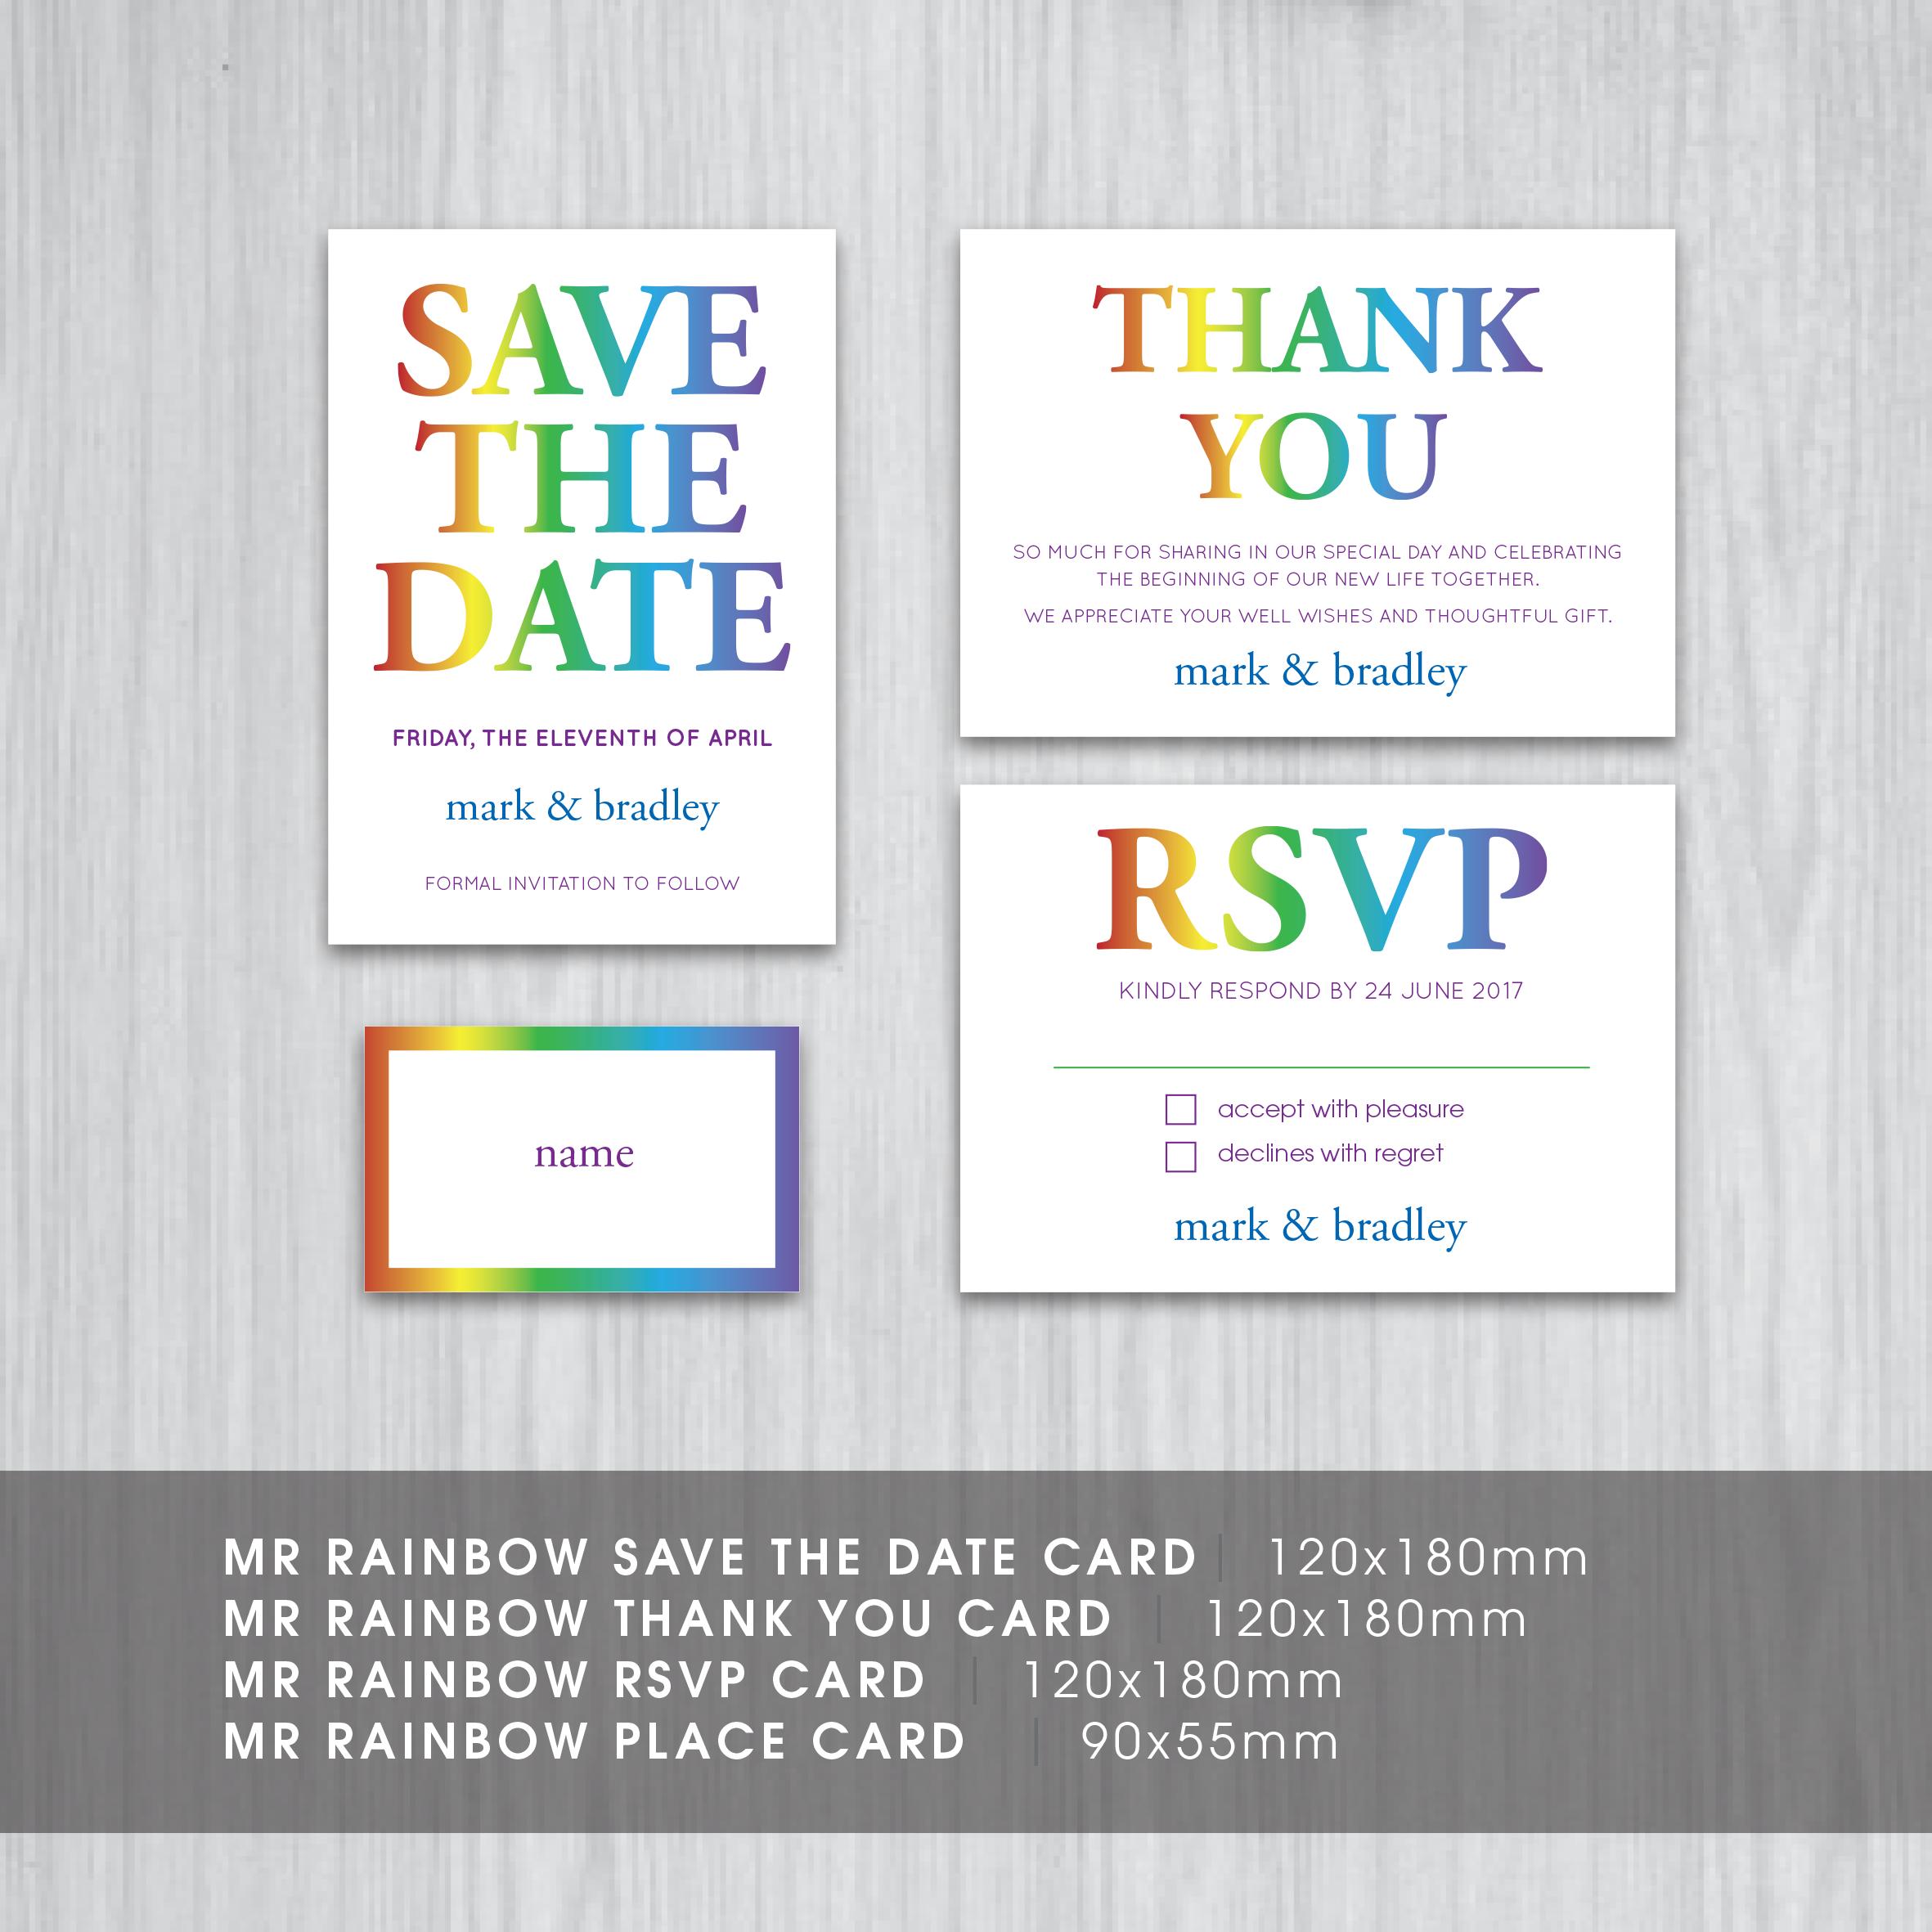 Wedding-Invites-Webpage-layout-6